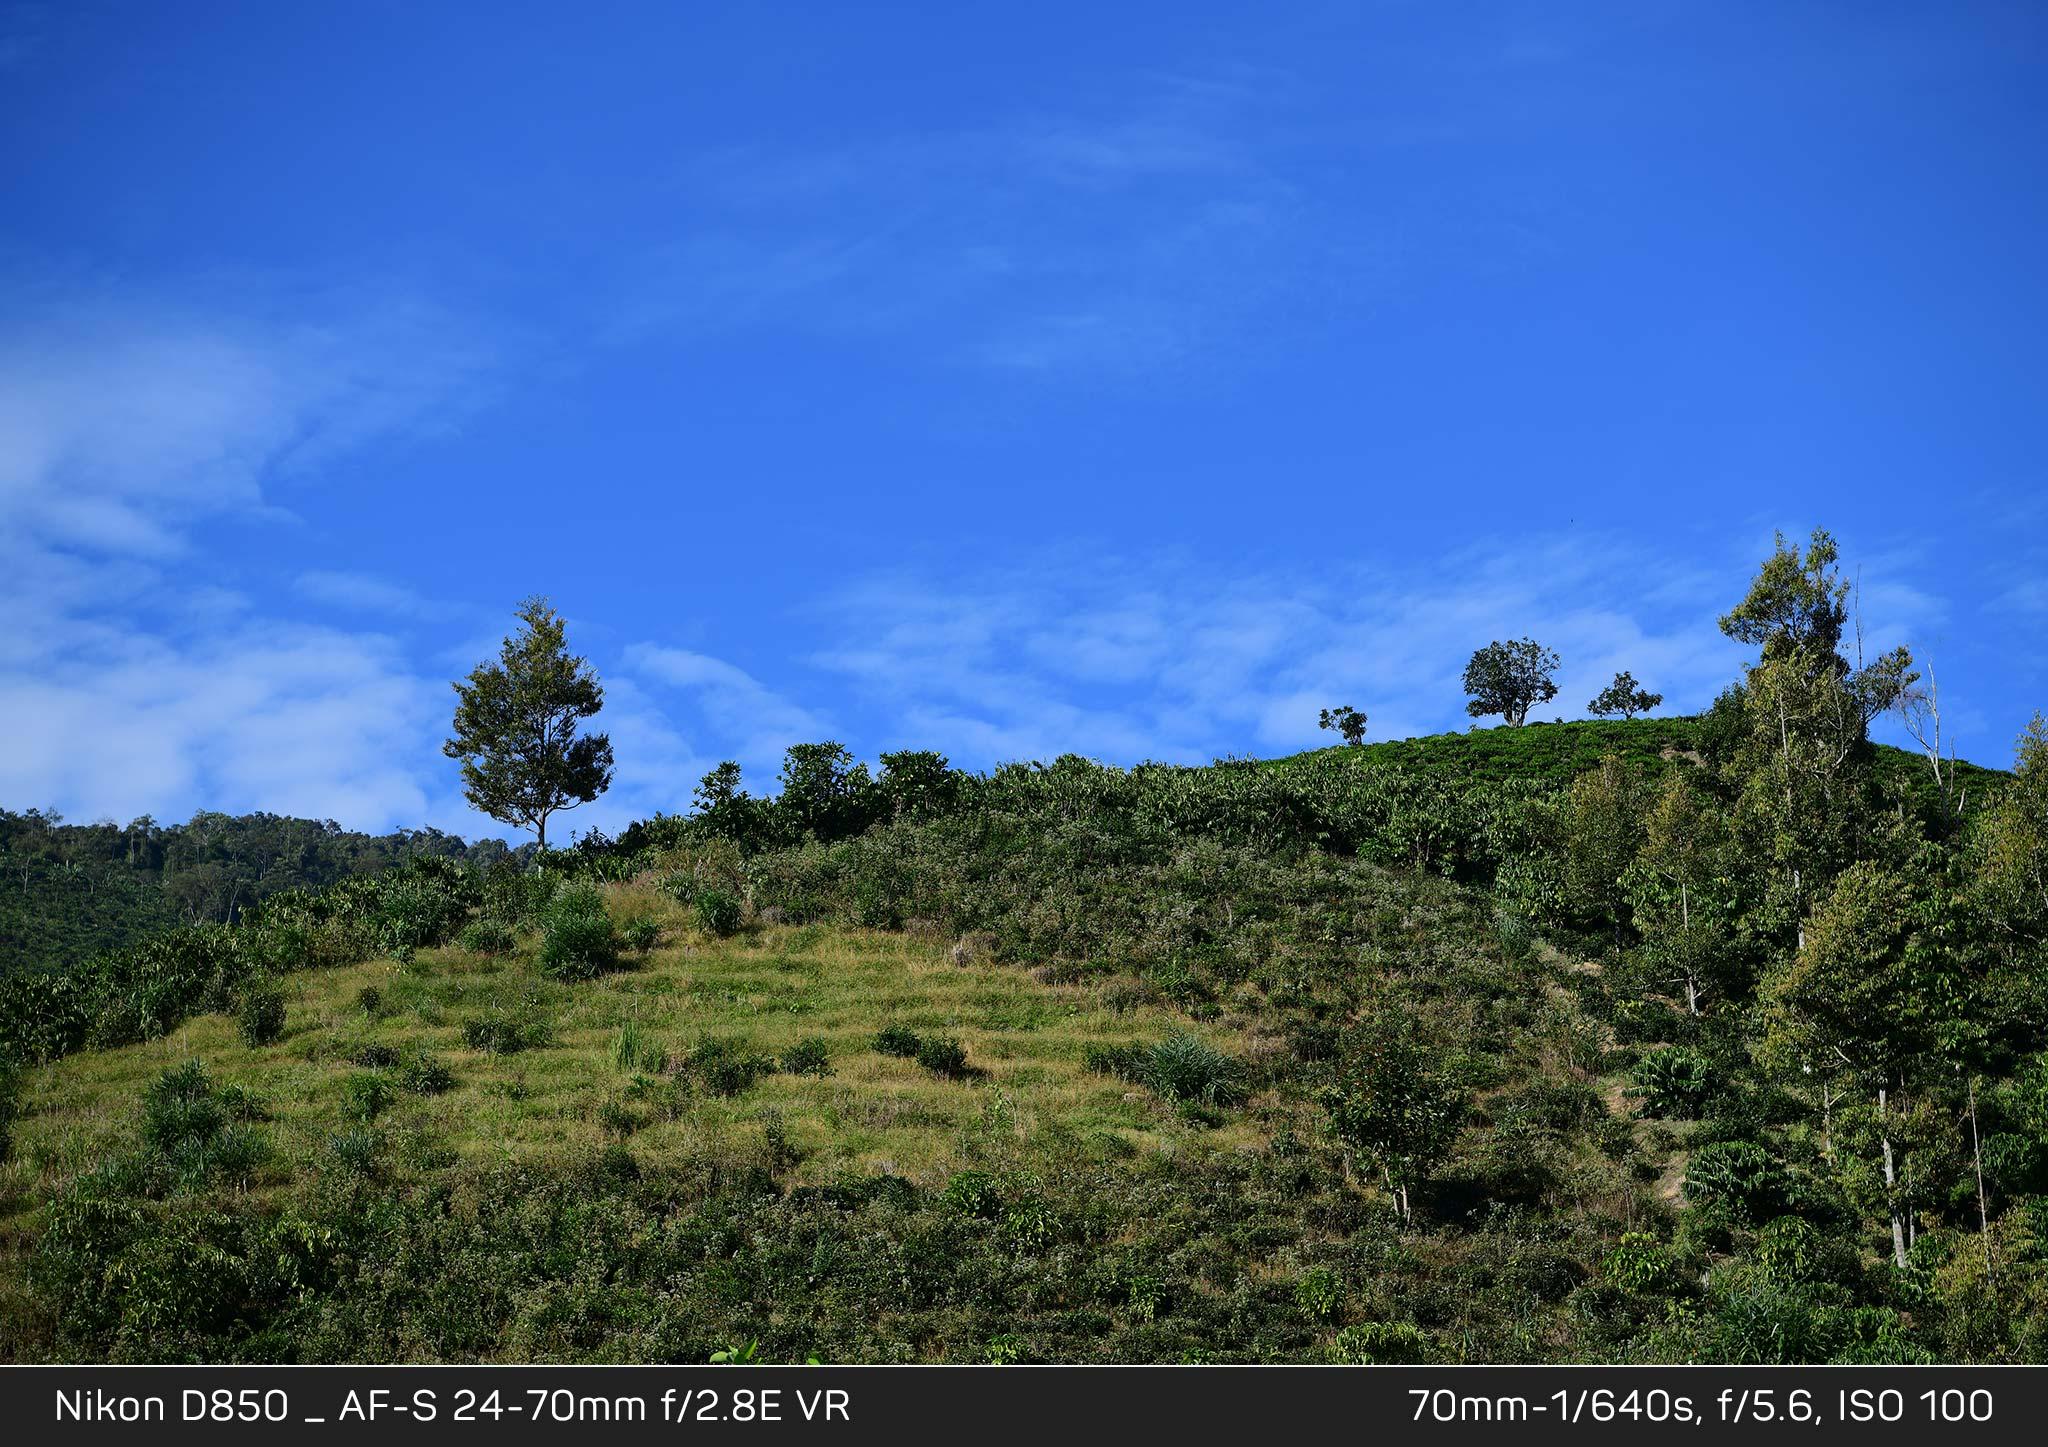 Đang tải Nikon-D850_chi-tiet_KH2_6360.jpg…